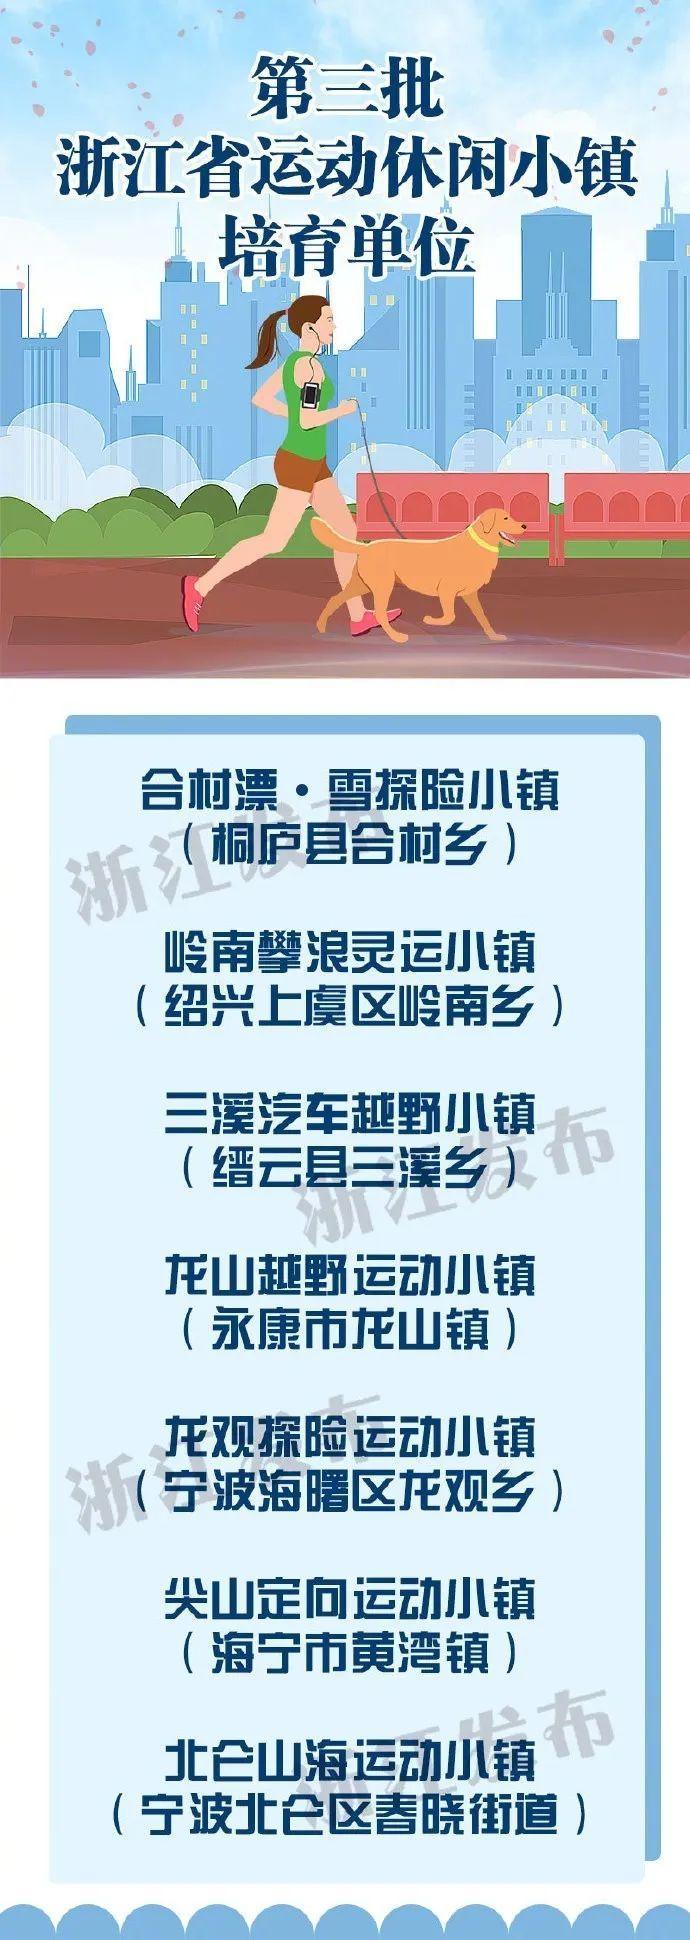 【浙江榜单】第三批浙江省运动休闲小镇培育名单(7个)